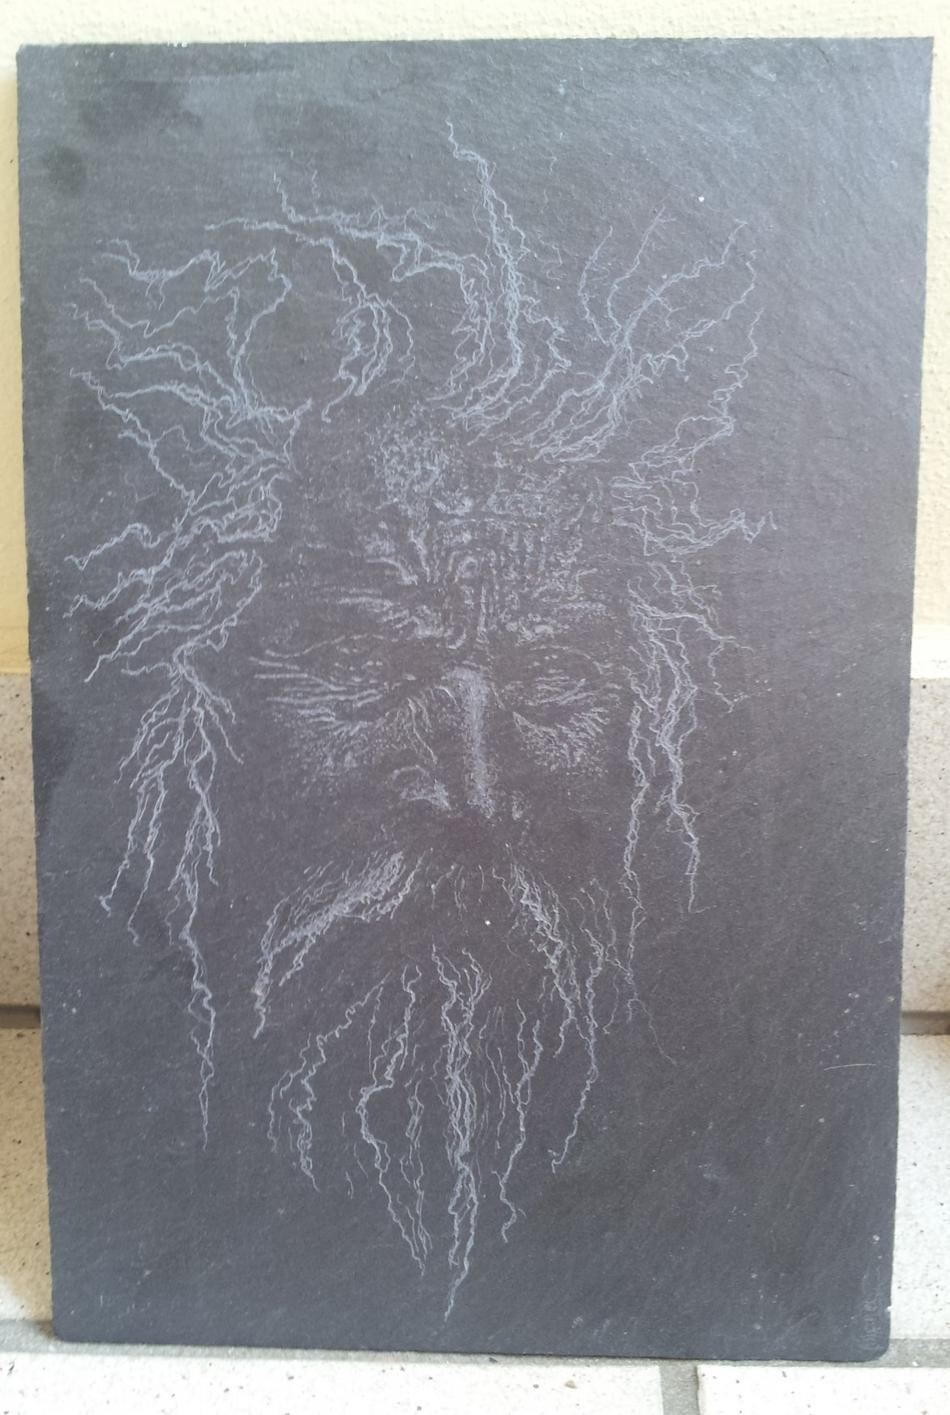 Odin Mensch auf Schiefer